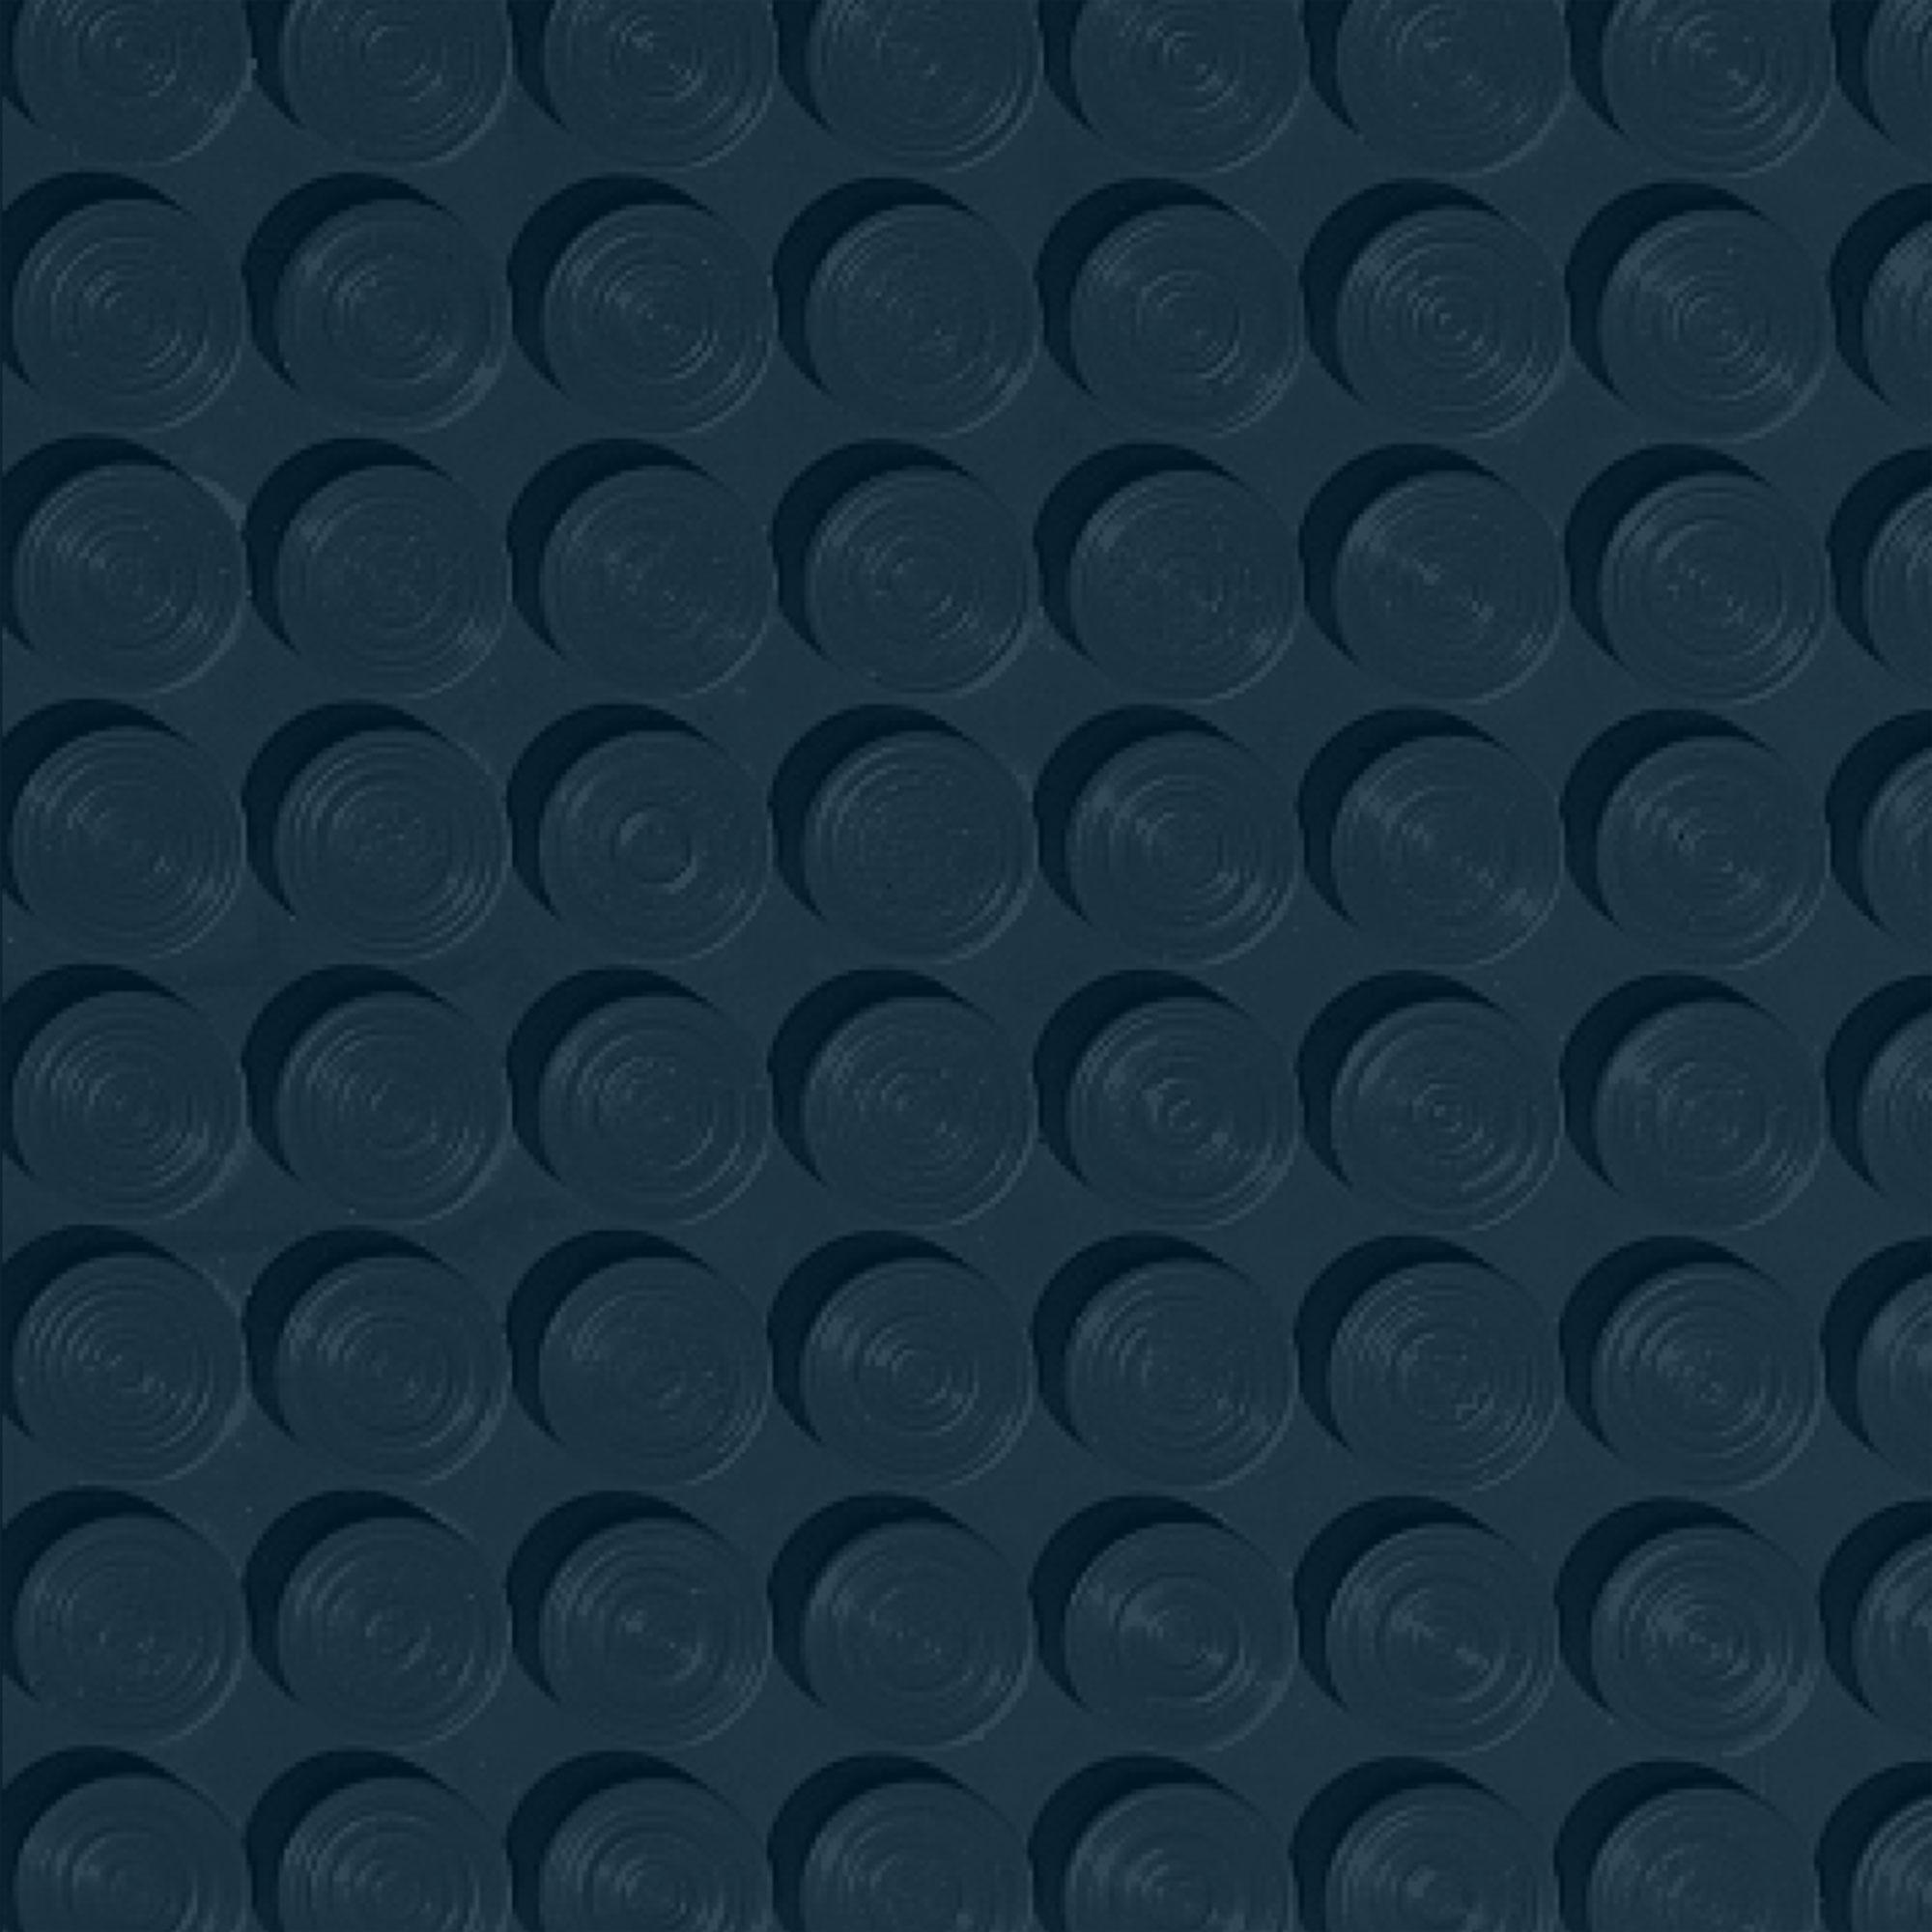 Roppe Rubber Tile 900 - Lug Back Vantage Design (LB996) Deep Navy Rubber Flooring